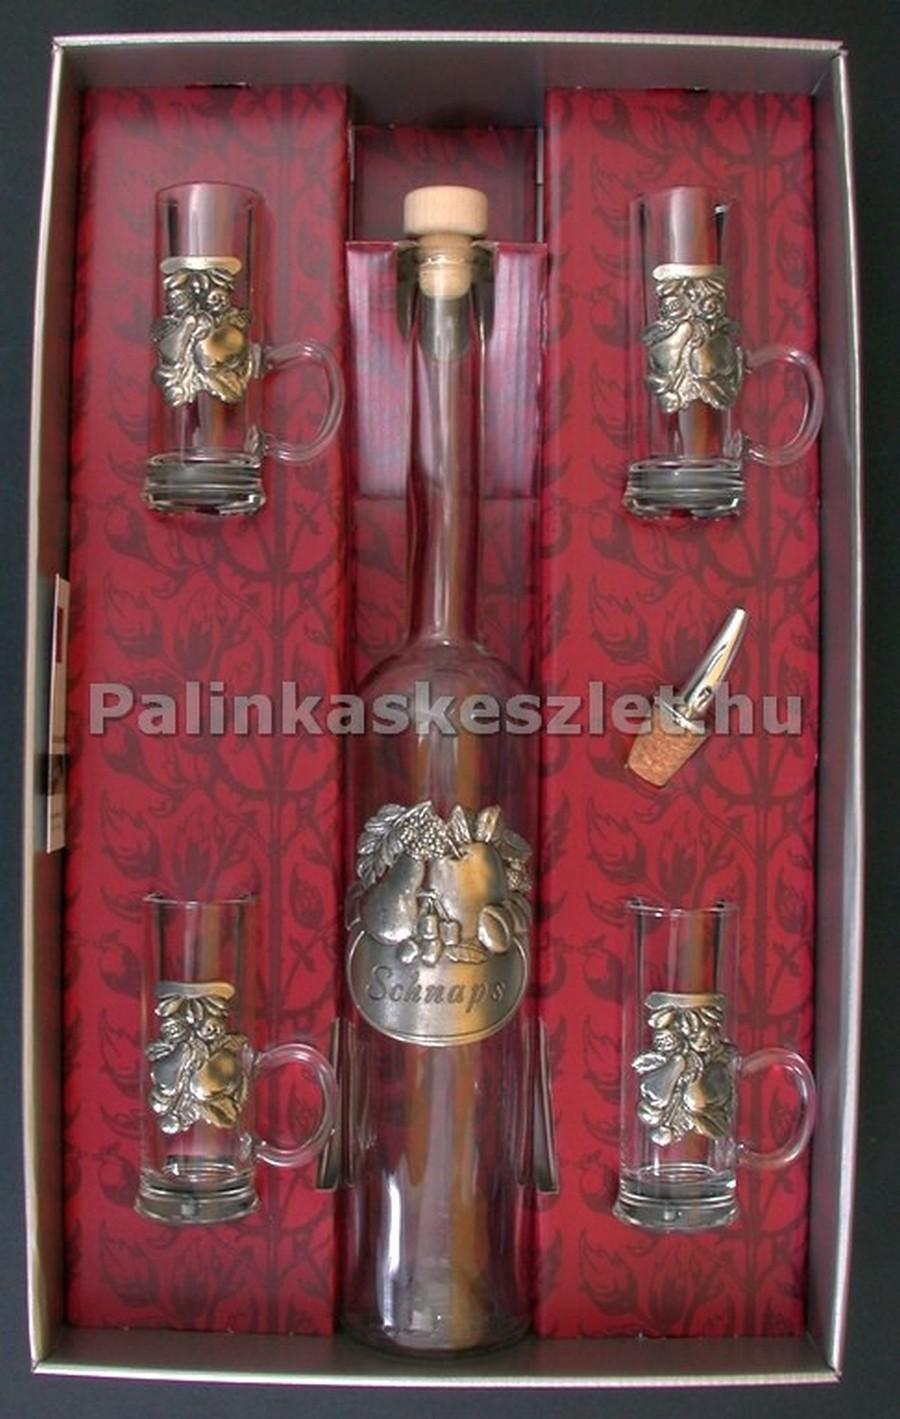 ARTINA pálinkás készlet vegyes gyümölcsös snapszos ón verettel díszítve. 1 pálinkás üveg dugóval, 4 pálinkás pohár egy kiöntő és díszdoboz tartozik a készlethez.